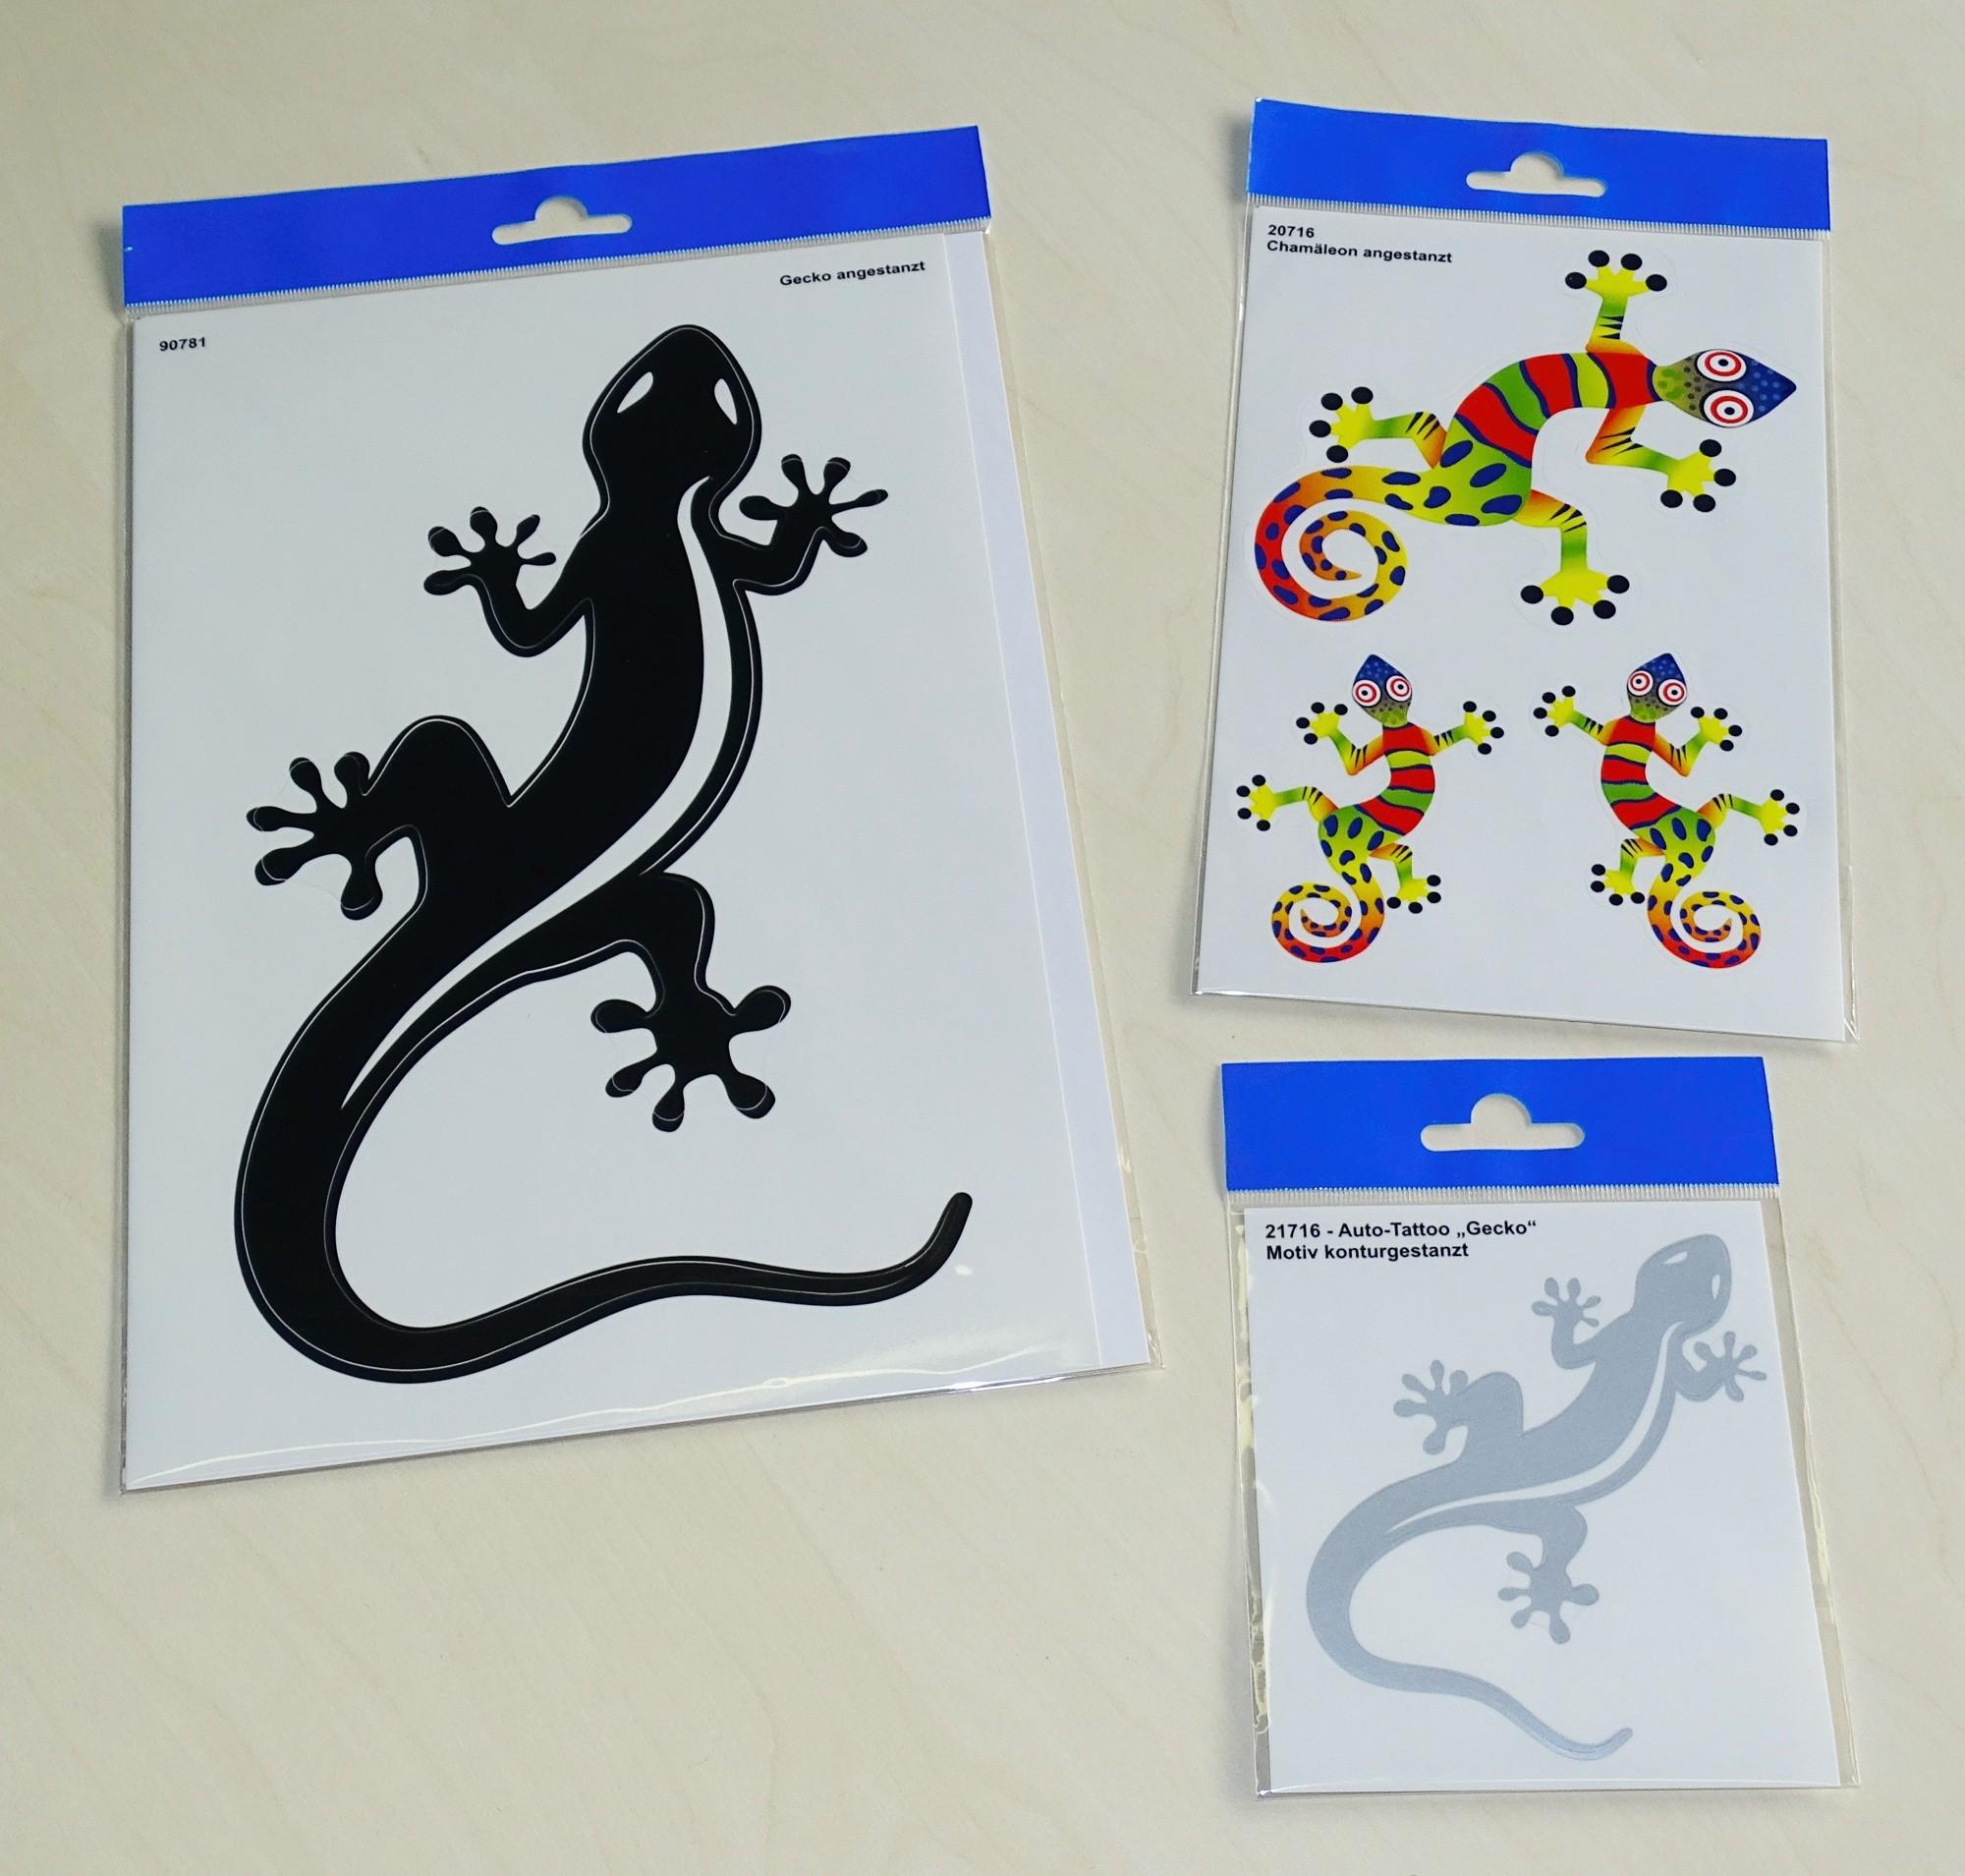 Sticker chameleon 3 pcs – Bild 2